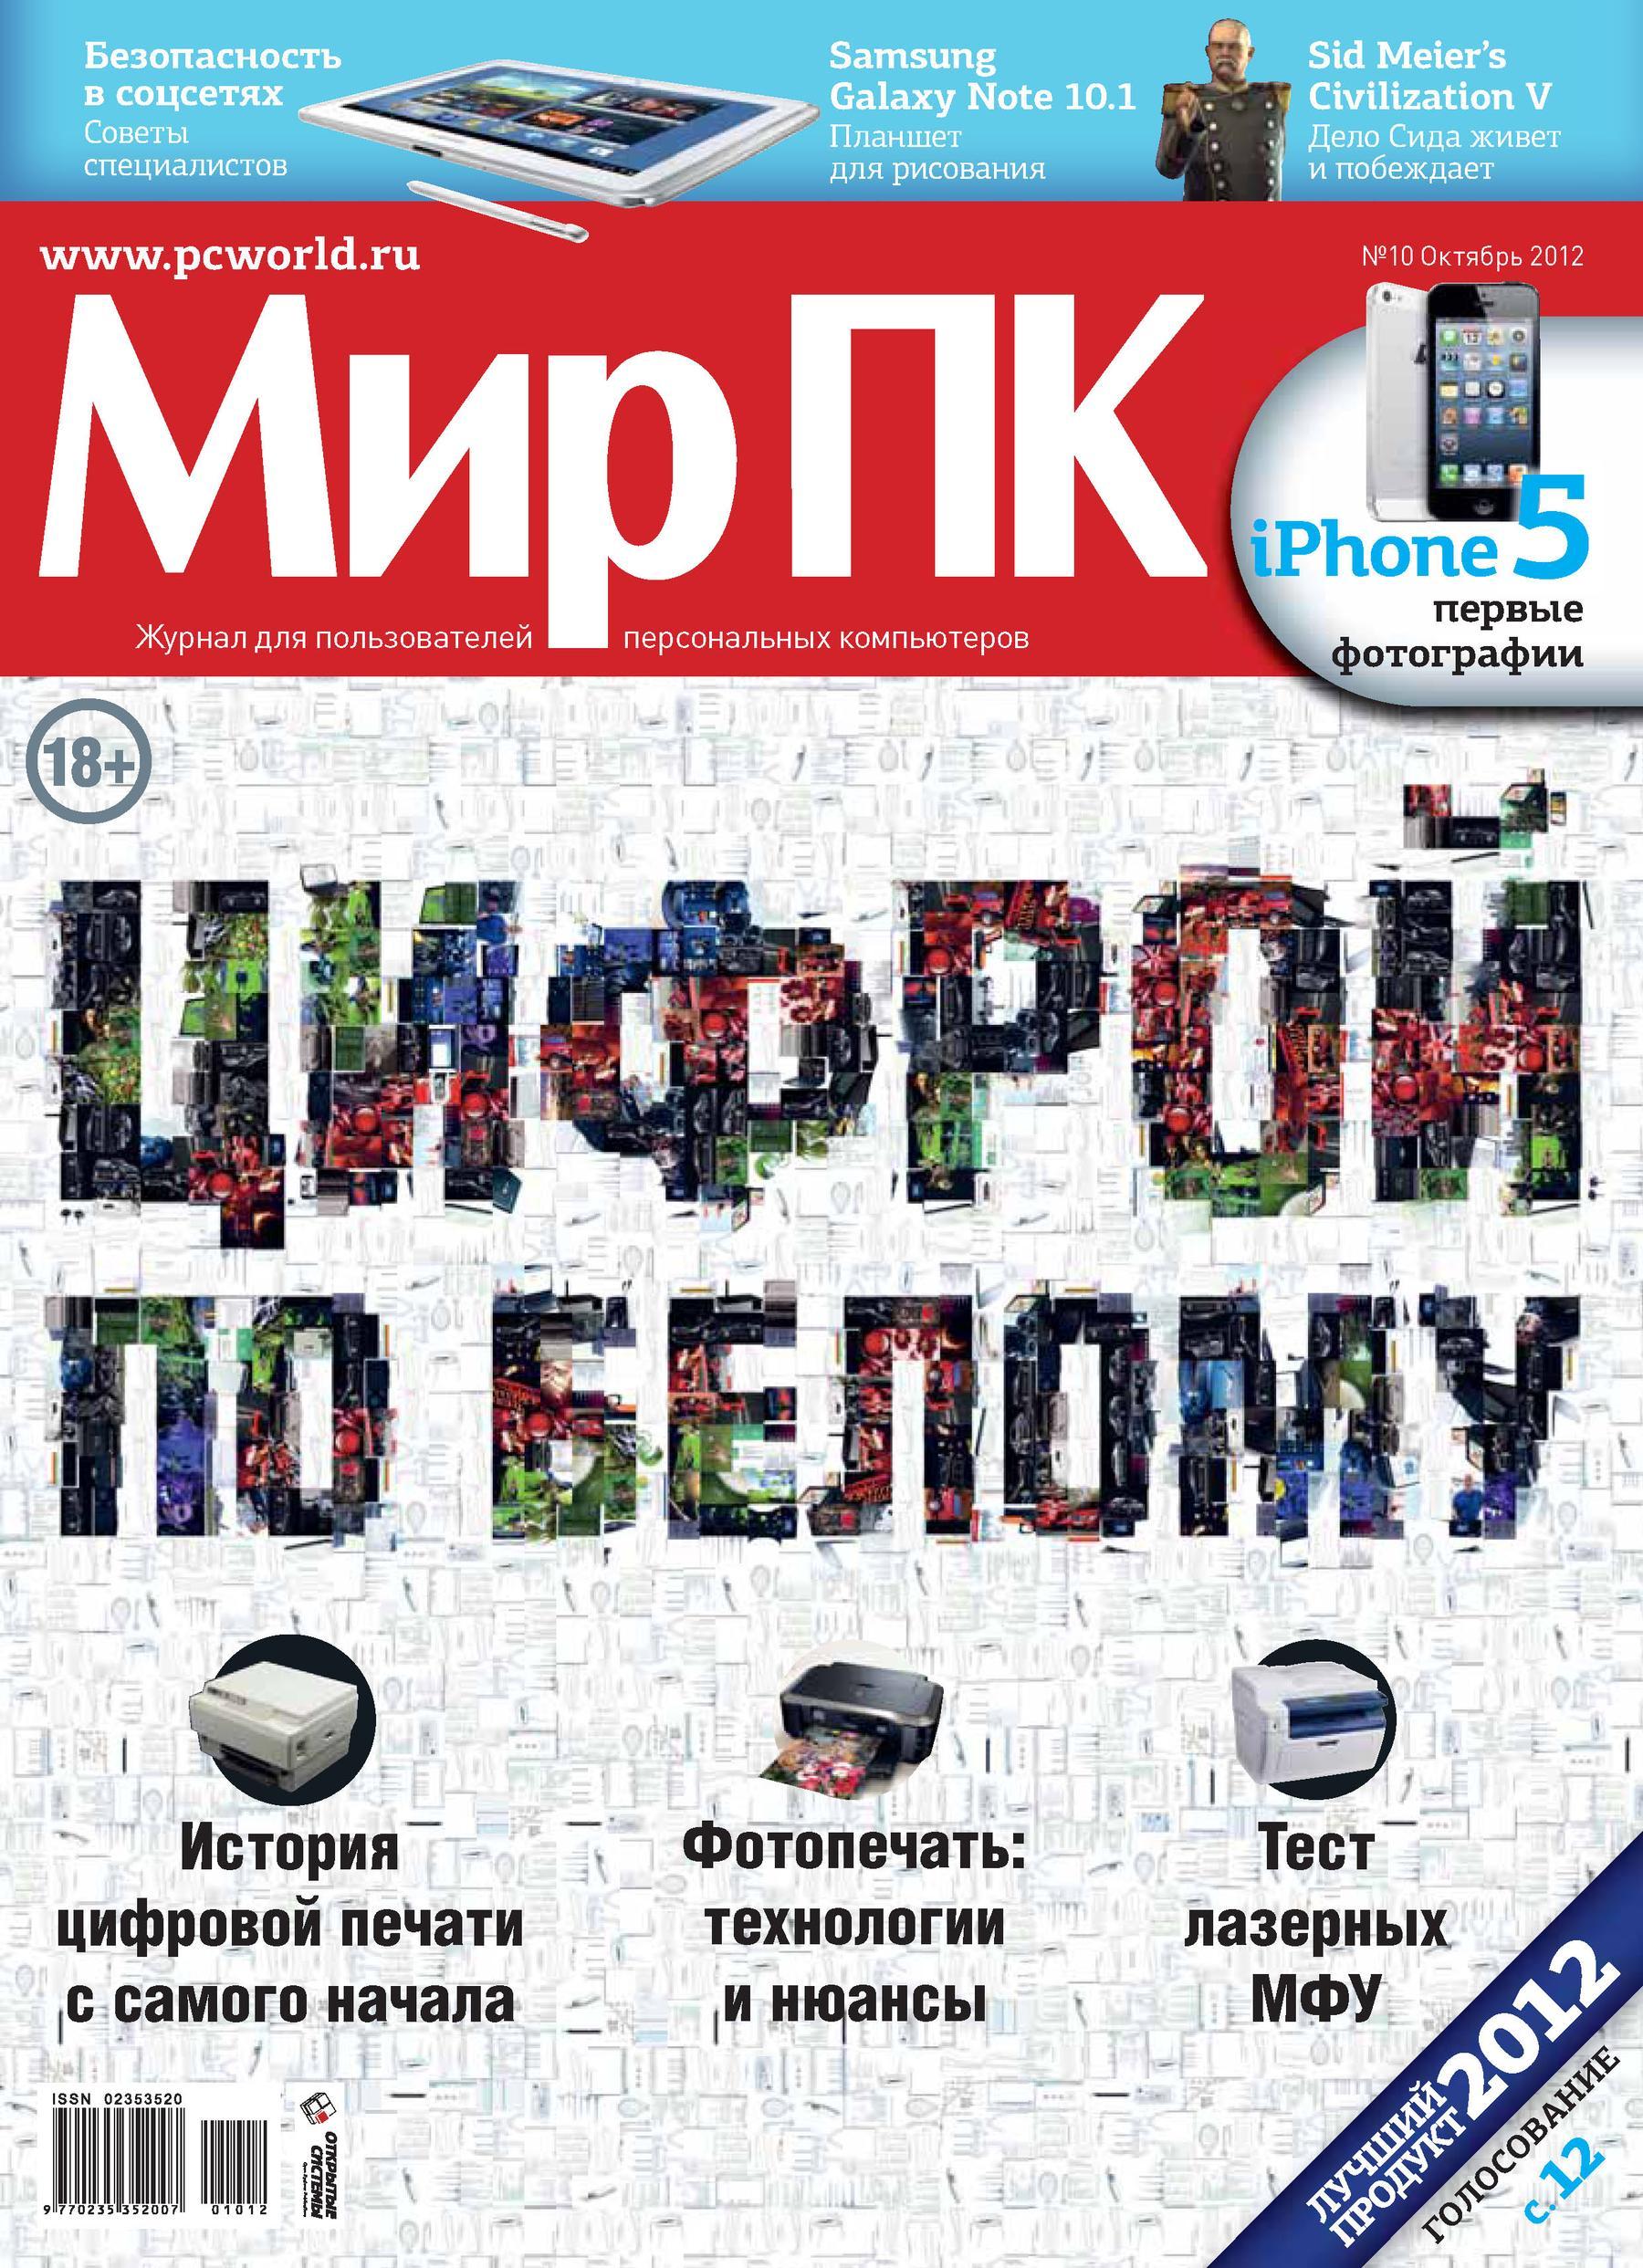 купить Мир ПК Журнал «Мир ПК» №10/2012 недорого